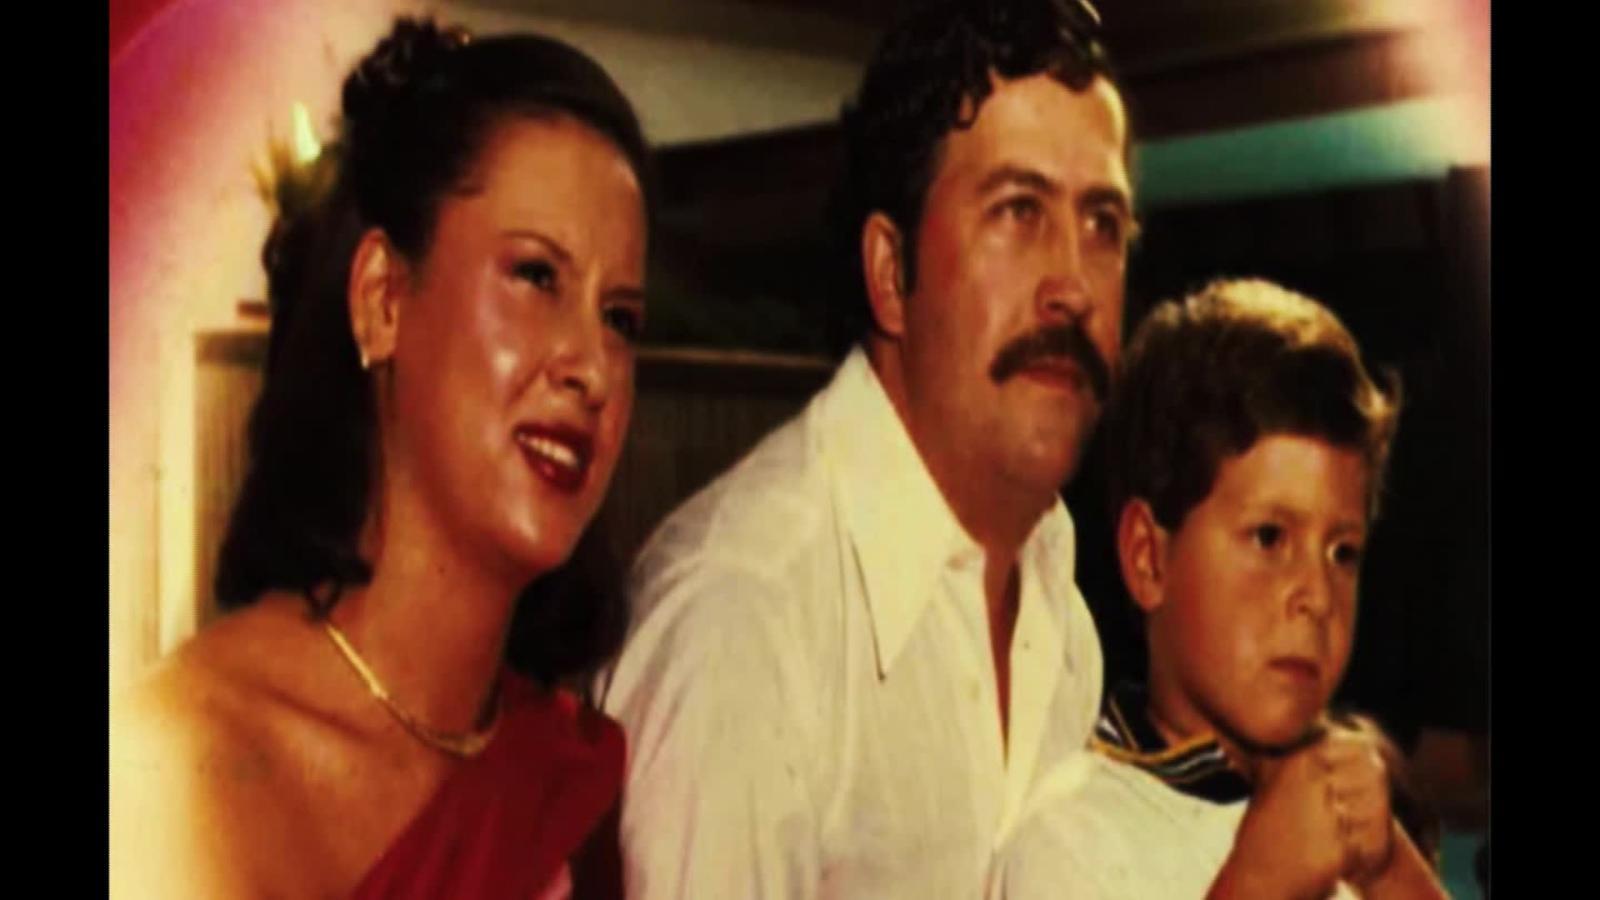 Lo que está pasando con la familia de Pablo Escobar en Argentina